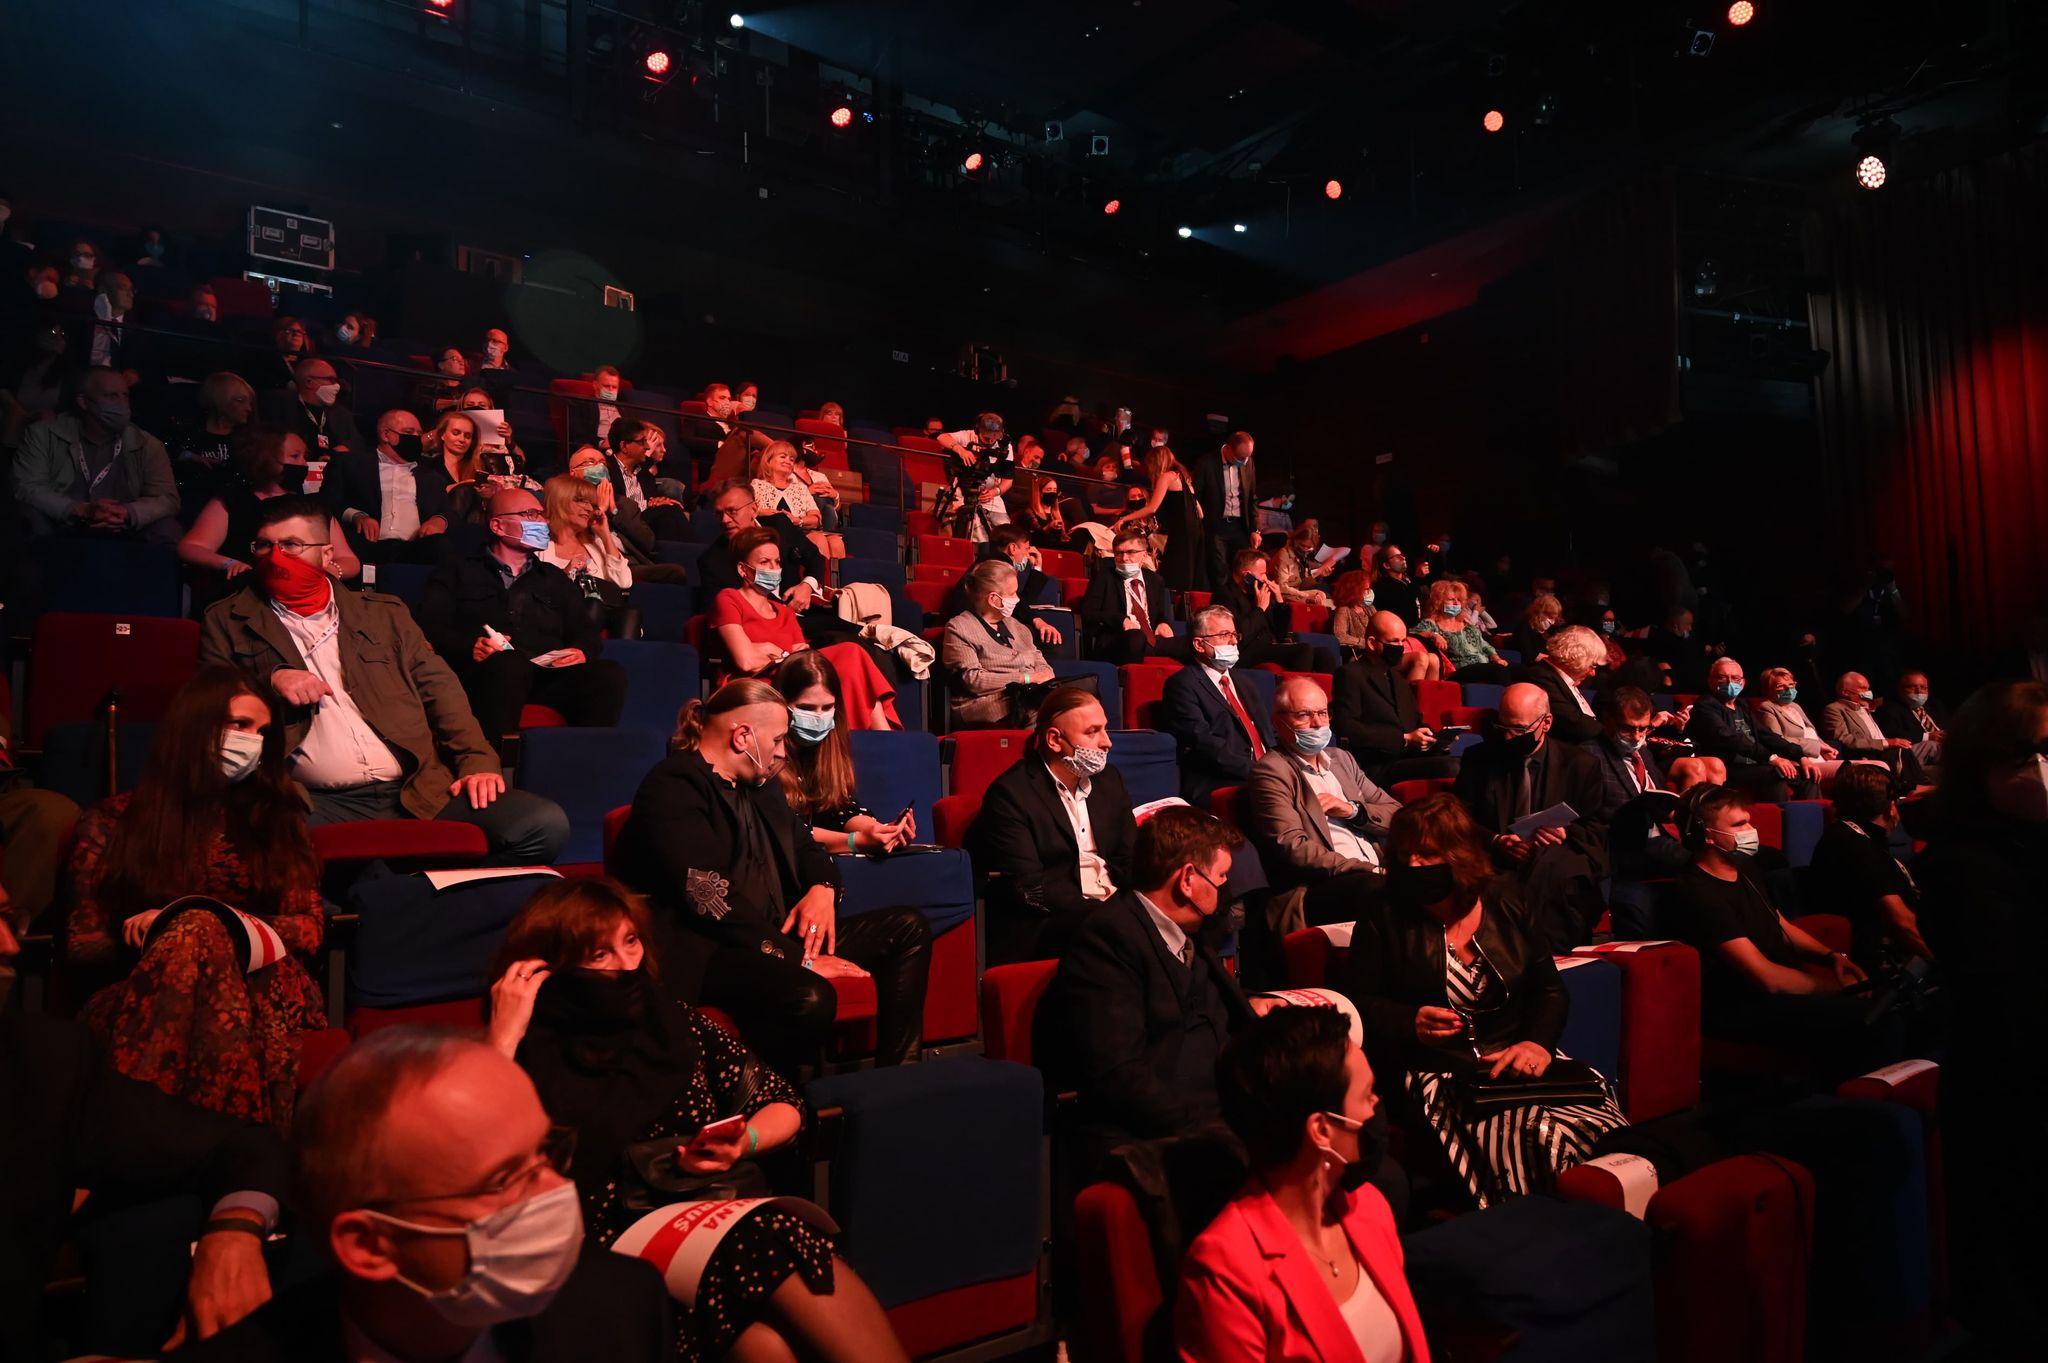 Widownia podczas gali finałowej Festiwalu NNW, fot. Michal Puszczewicz